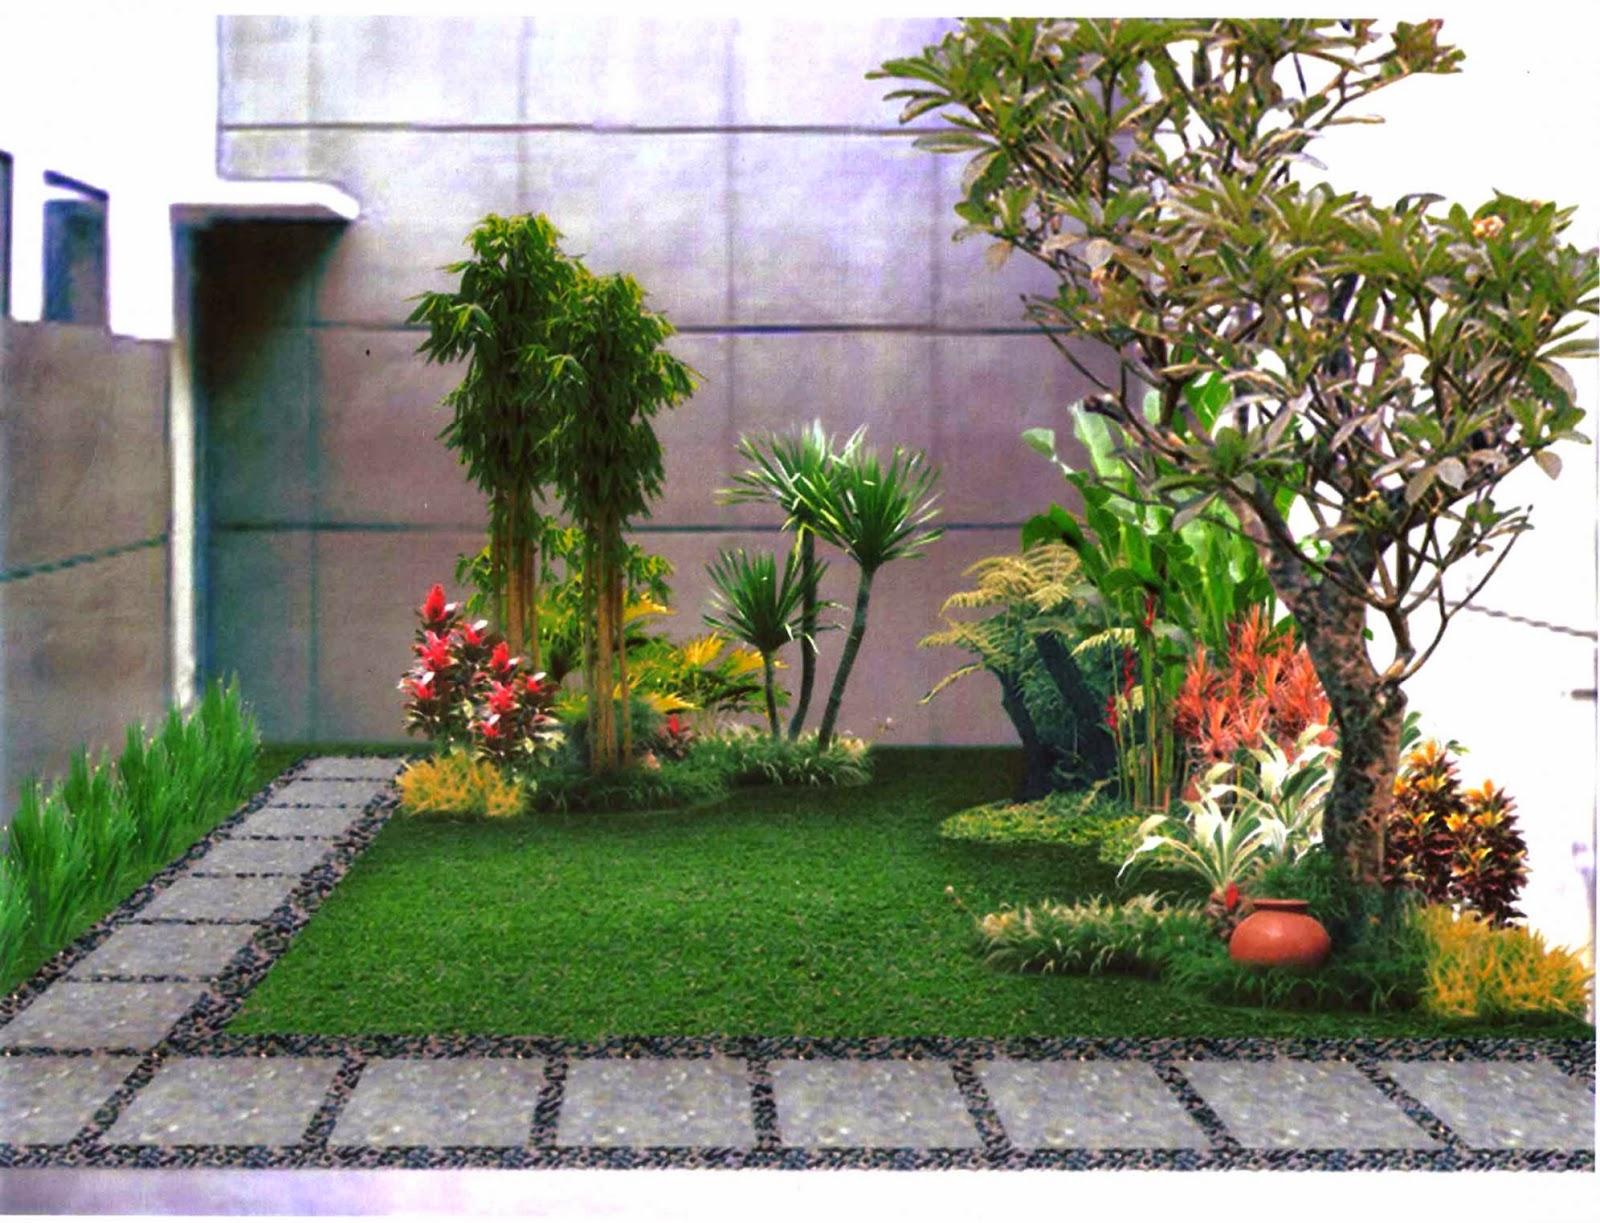 Gambar Desain Taman Rumah Minimalis Gallery Taman Minimalis